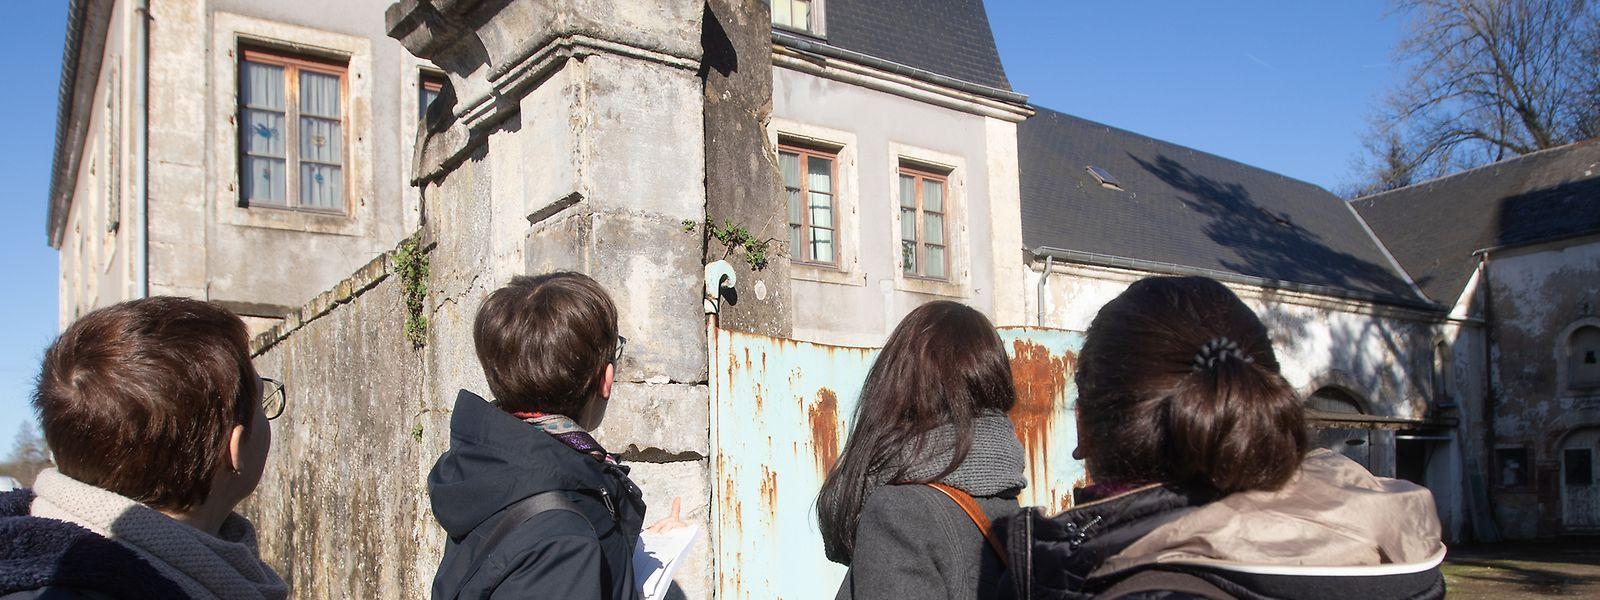 Die Denkmalschützerinnen bei der Prospektion zu Fuß vor einem Gehöft an der Hauptstraße in Rollingen.